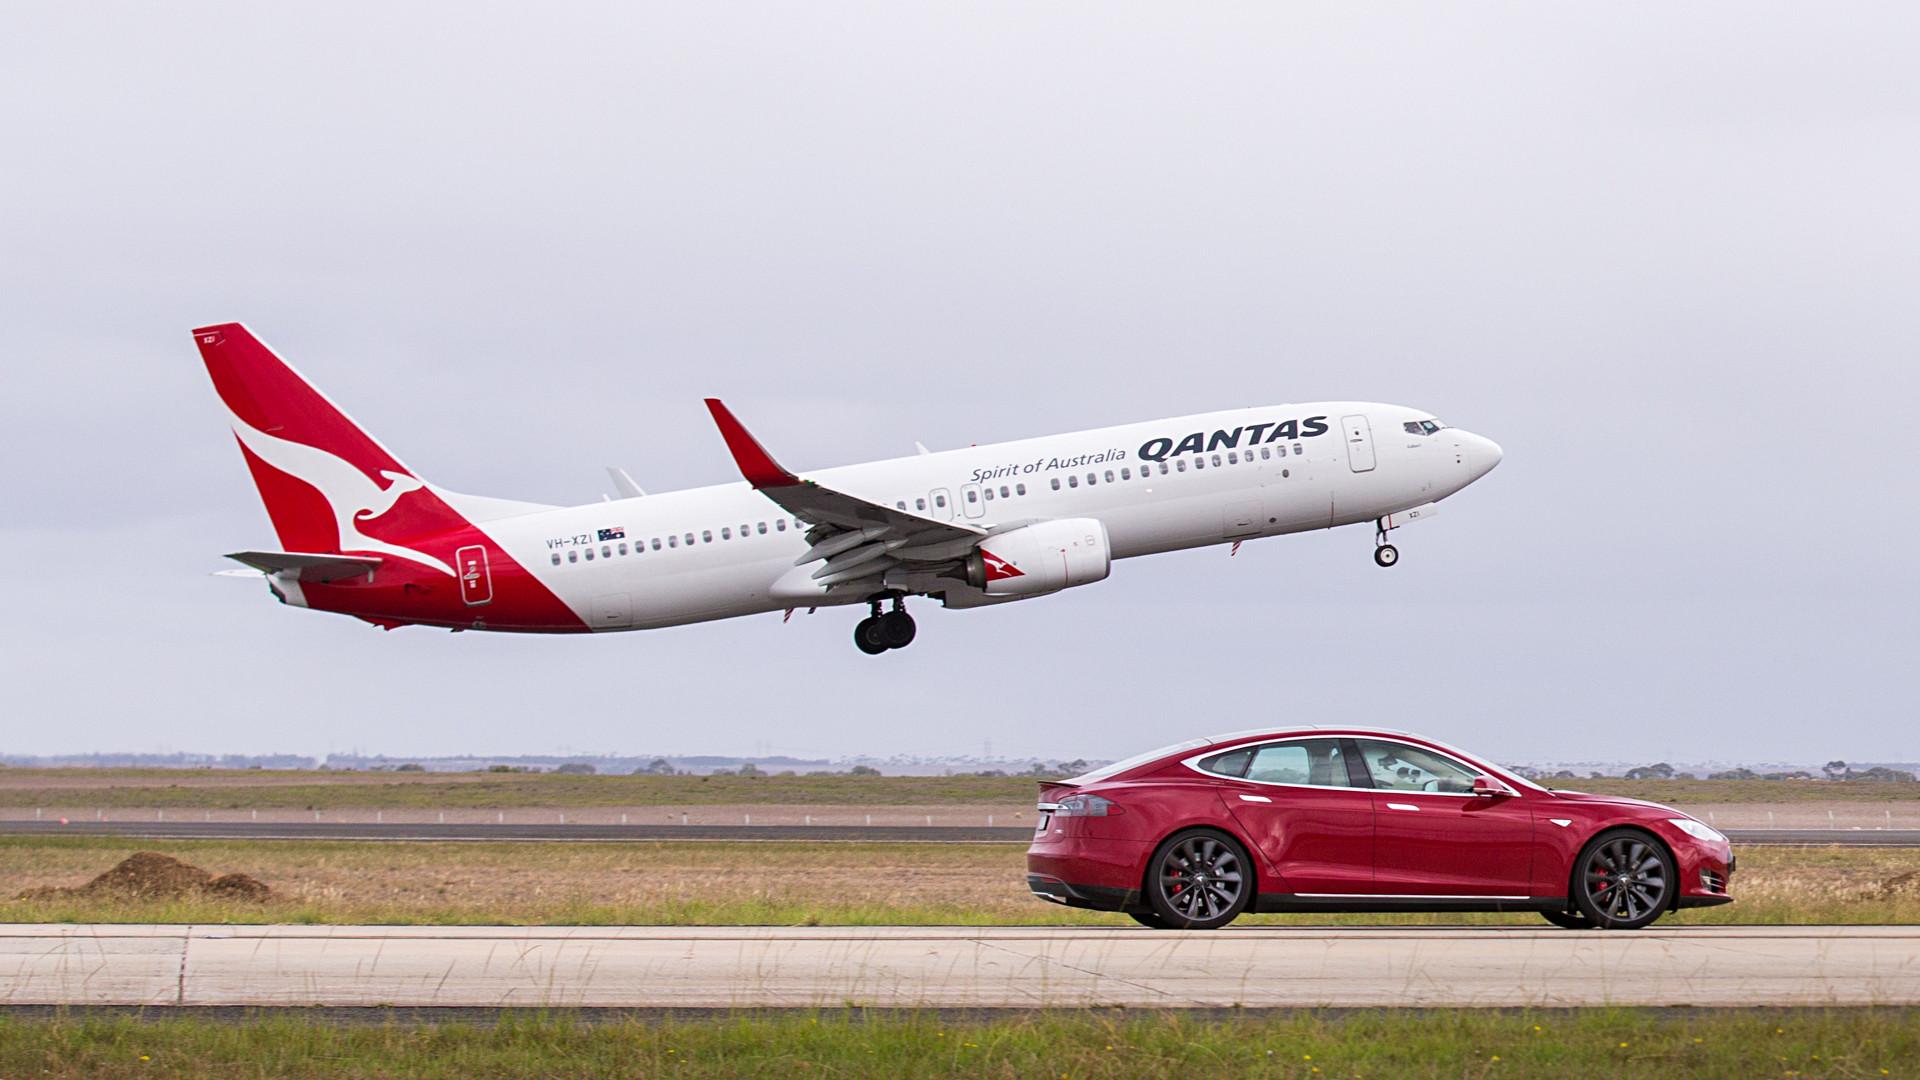 НЕТРИВИАЛЬНОЕ РЕШЕНИЕ: Как авиация делает автомобилизм безопасным?